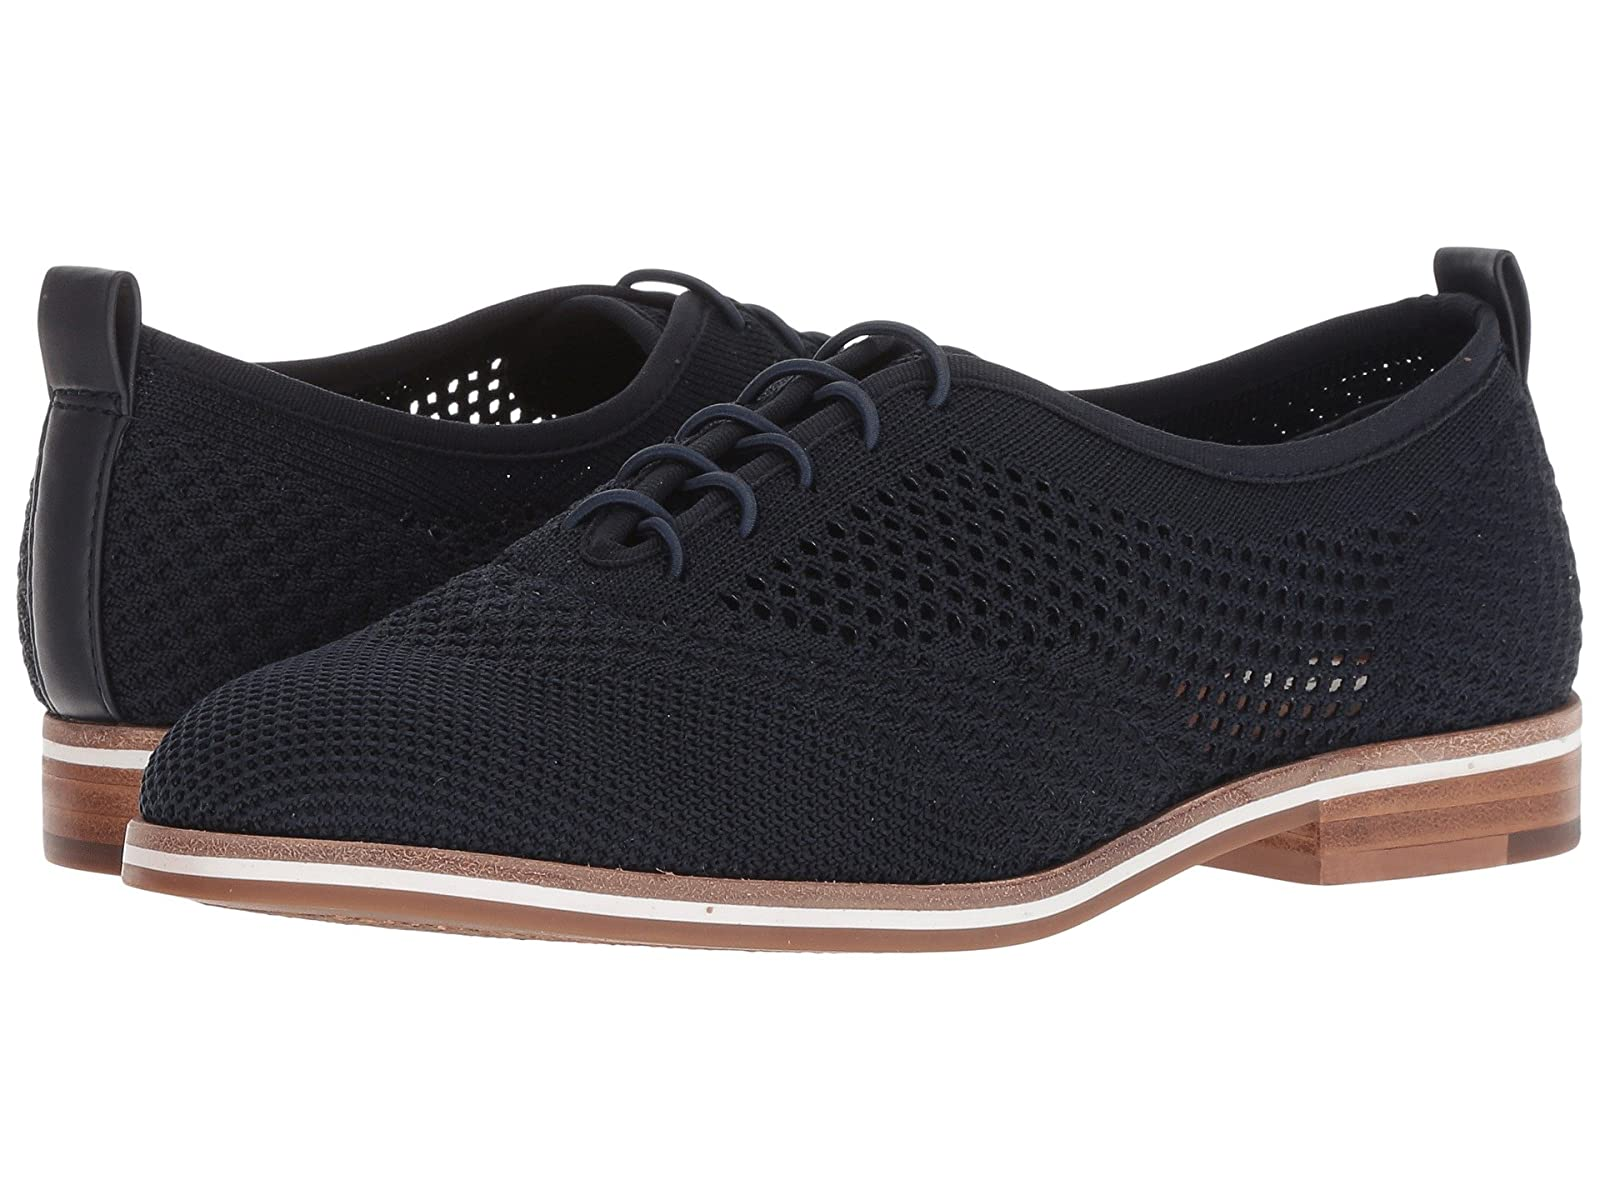 ED Ellen DeGeneres LucerneAtmospheric grades have affordable shoes